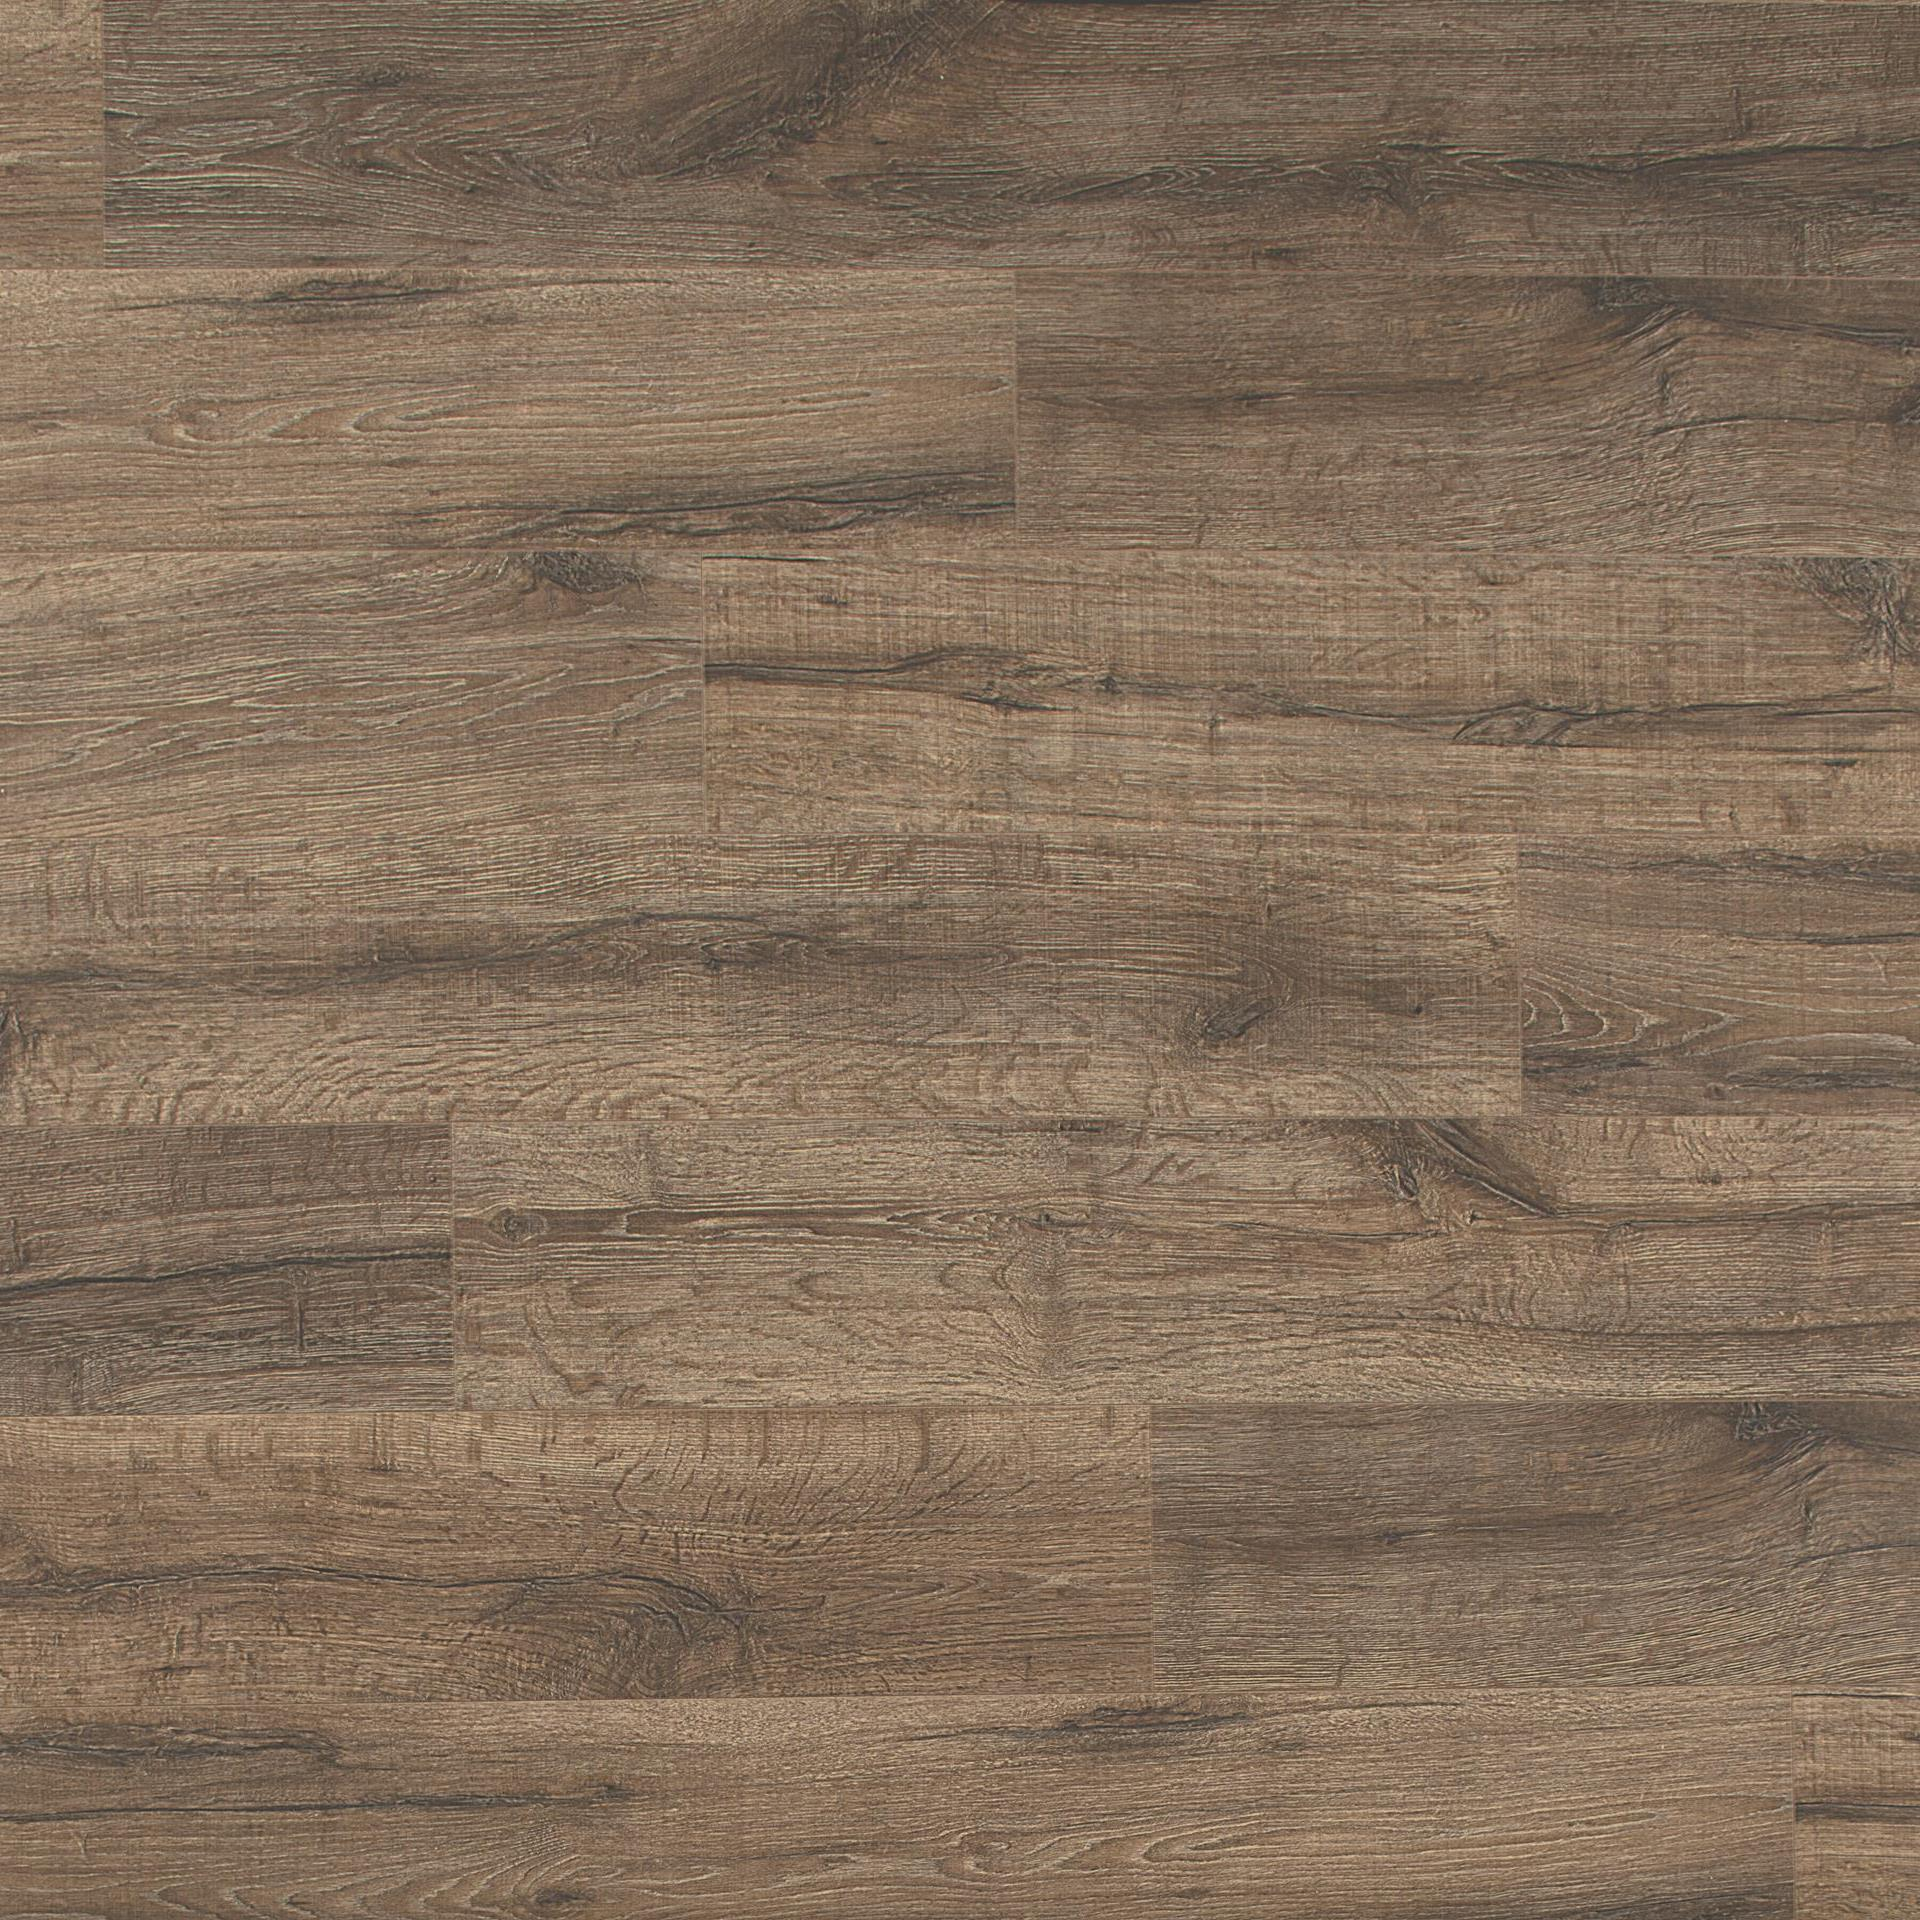 Heathered Oak Reclaimé Collection laminate